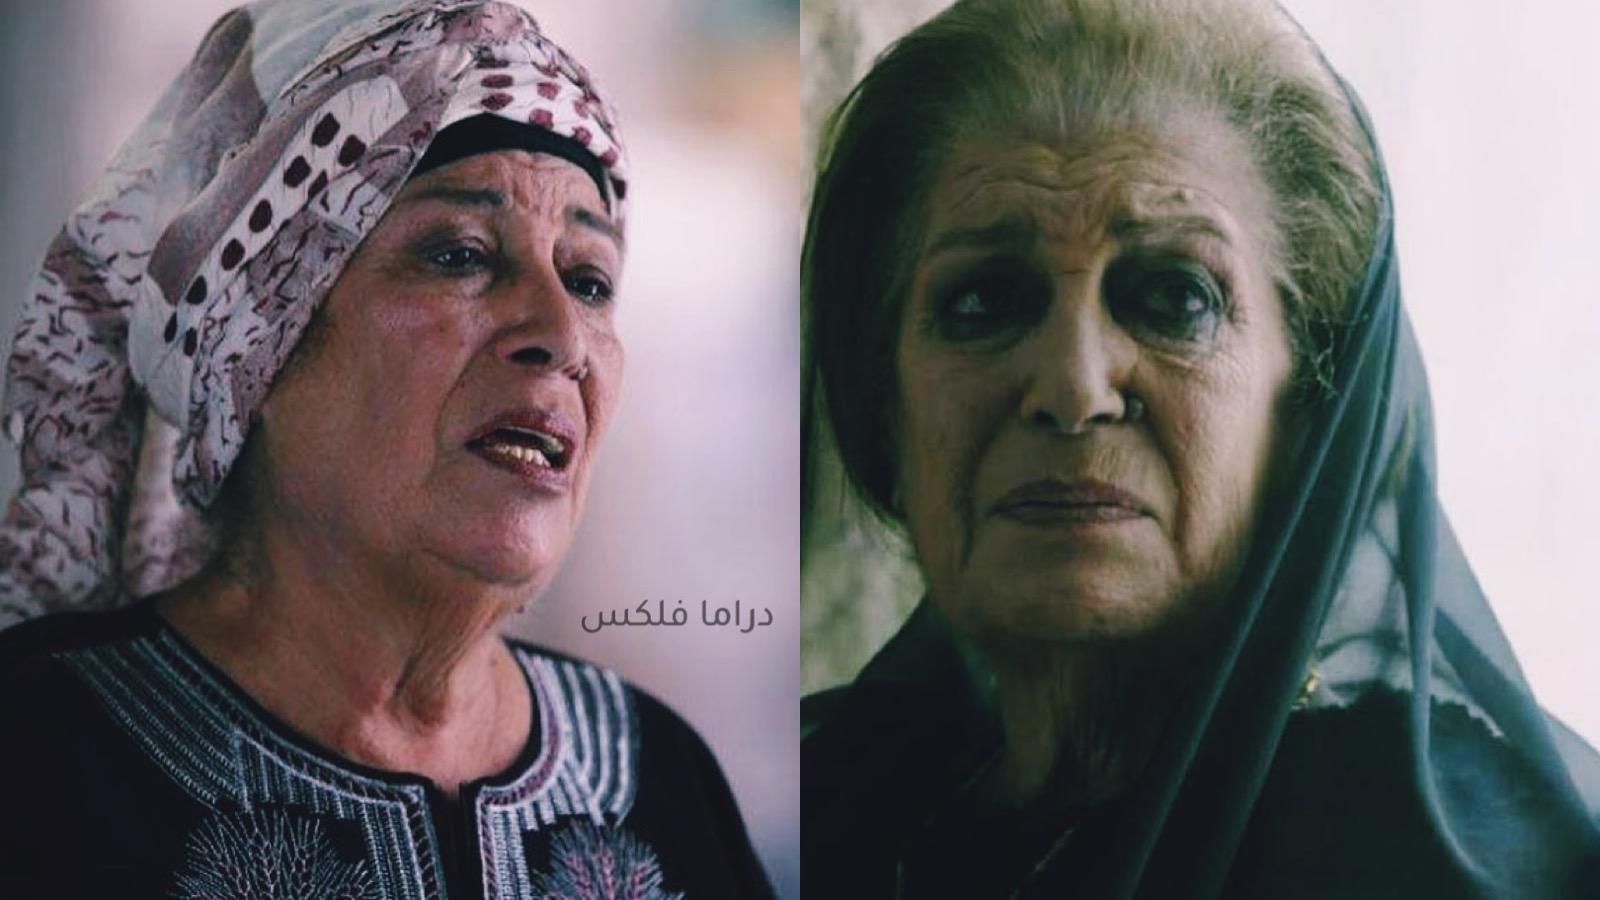 منى واصف, افضل الممثلات السوريات, افضل ممثلة سورية